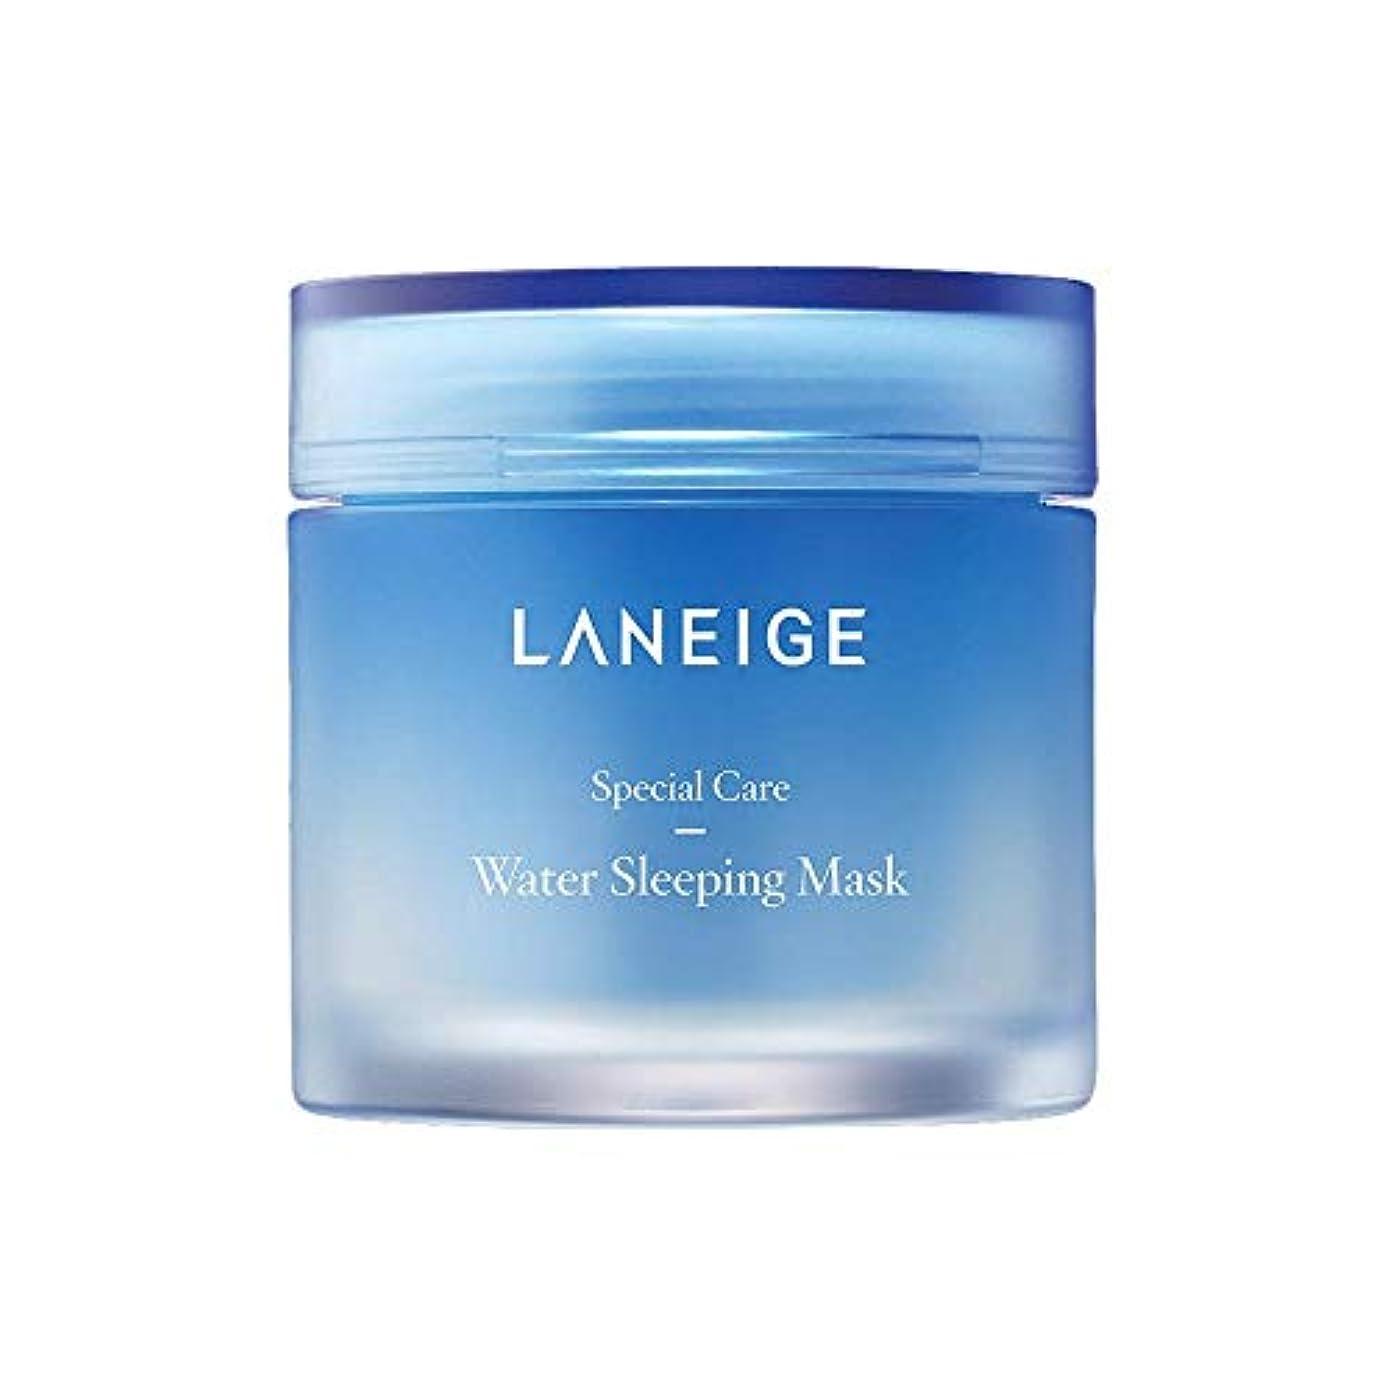 アスリート開梱元に戻すWater Sleeping Mask 70ml/ウォーター スリーピング マスク 70ml [50個限定!人気商品のサンプルプレゼント!]